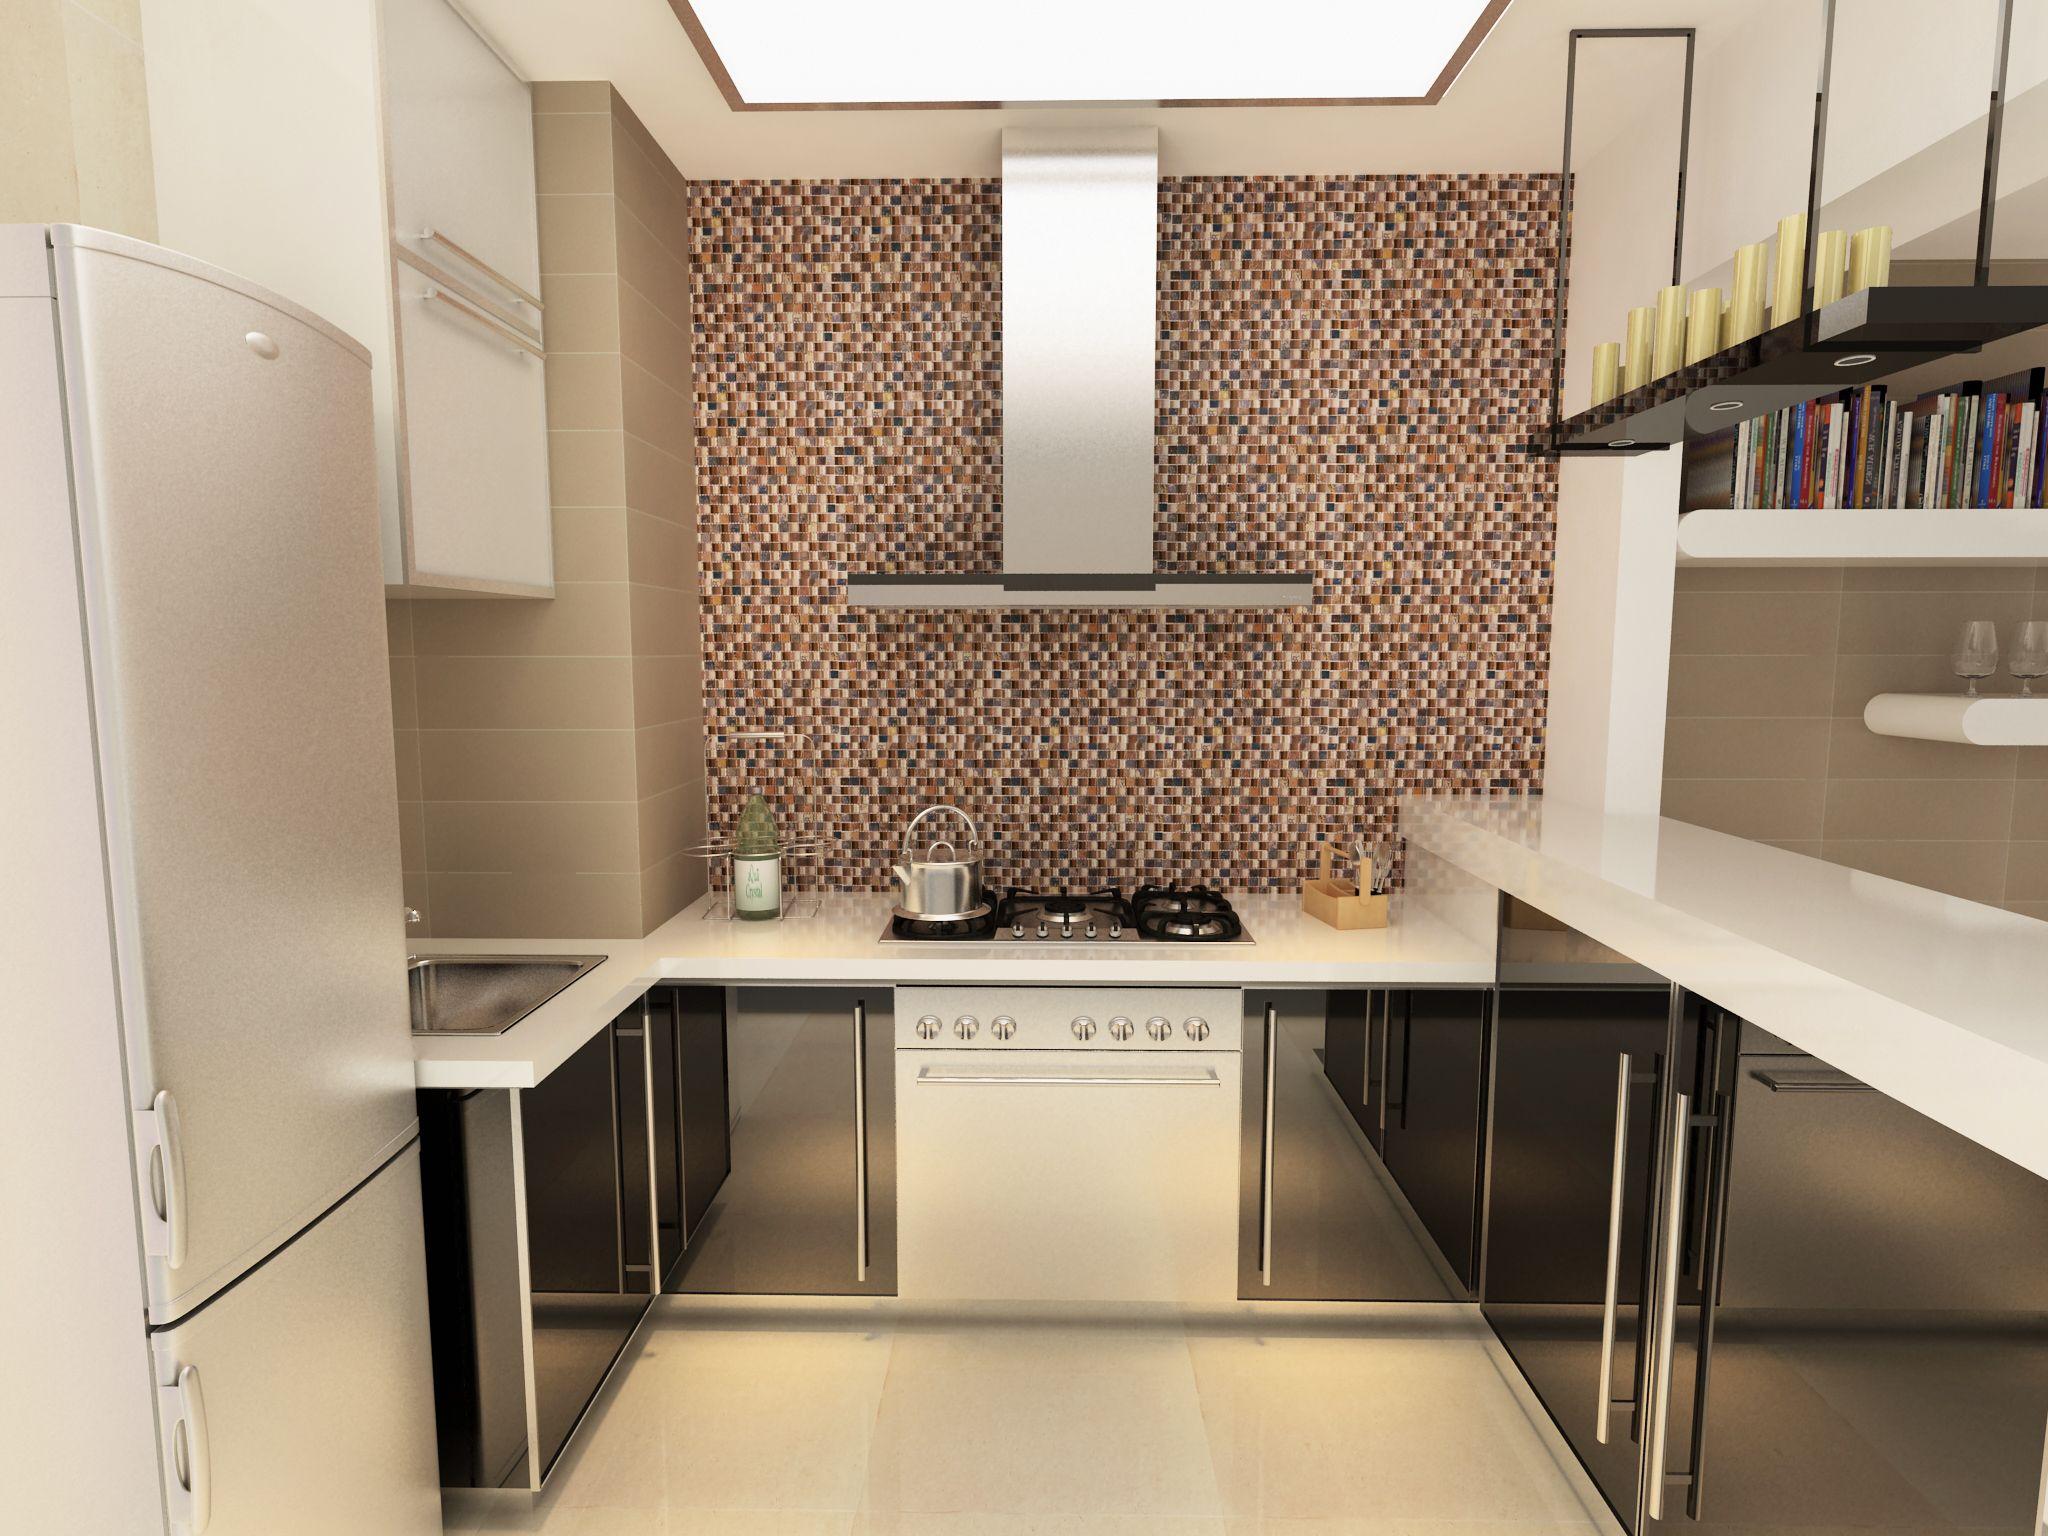 Texturas marfil o beige aportan limpieza y serenidad en for Azulejos pared exterior